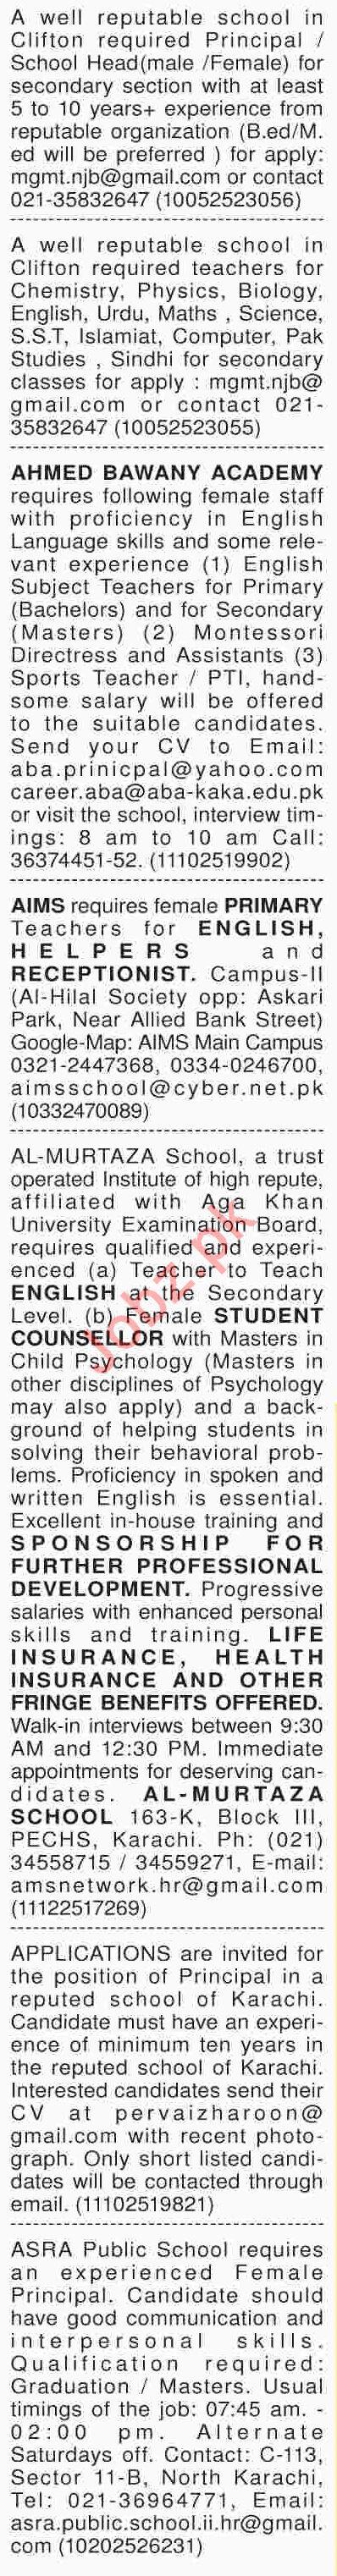 Dawn Sunday Newspaper Teachers Classified Jobs 27/01/2019